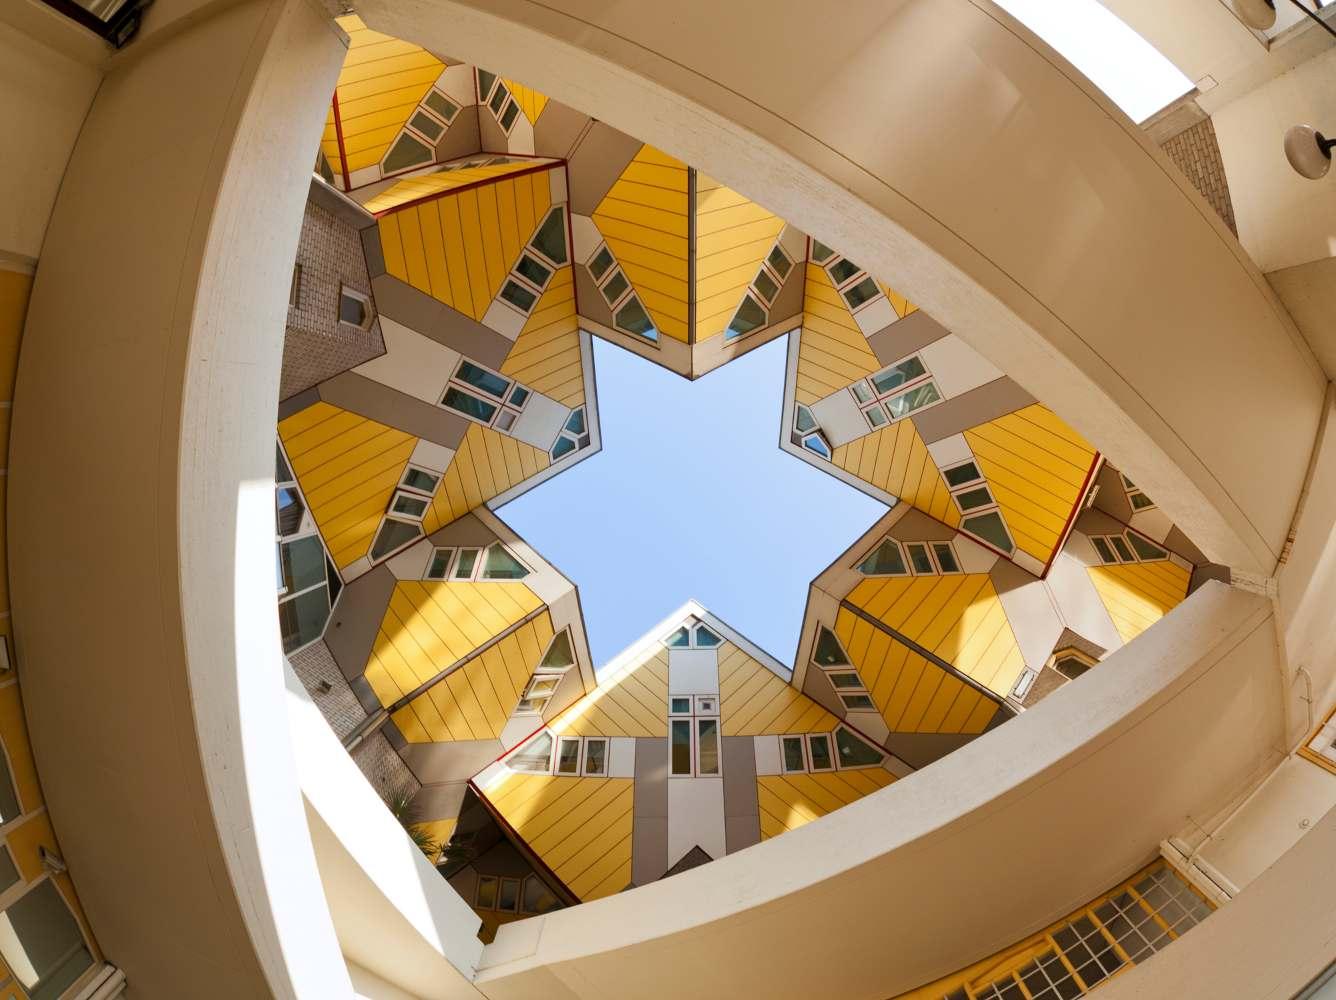 Casa dos cubos em Roterdão